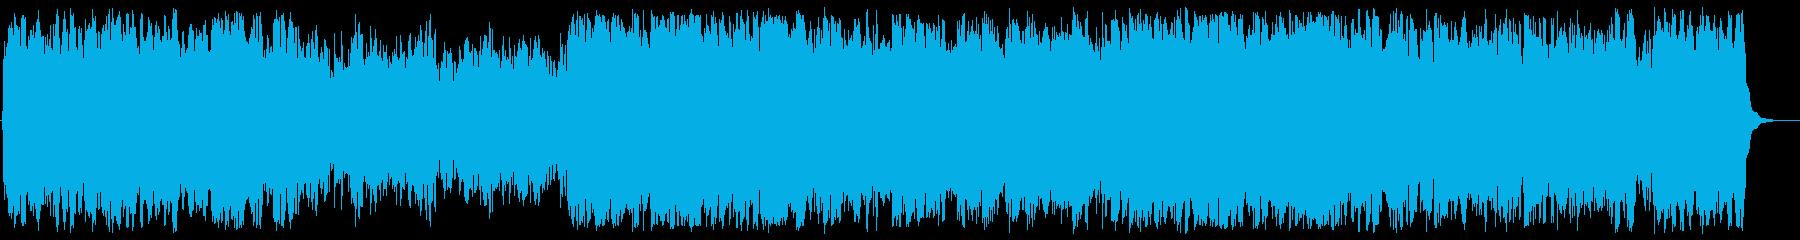 幻想的で神聖なスピリチュアルサウンドの再生済みの波形